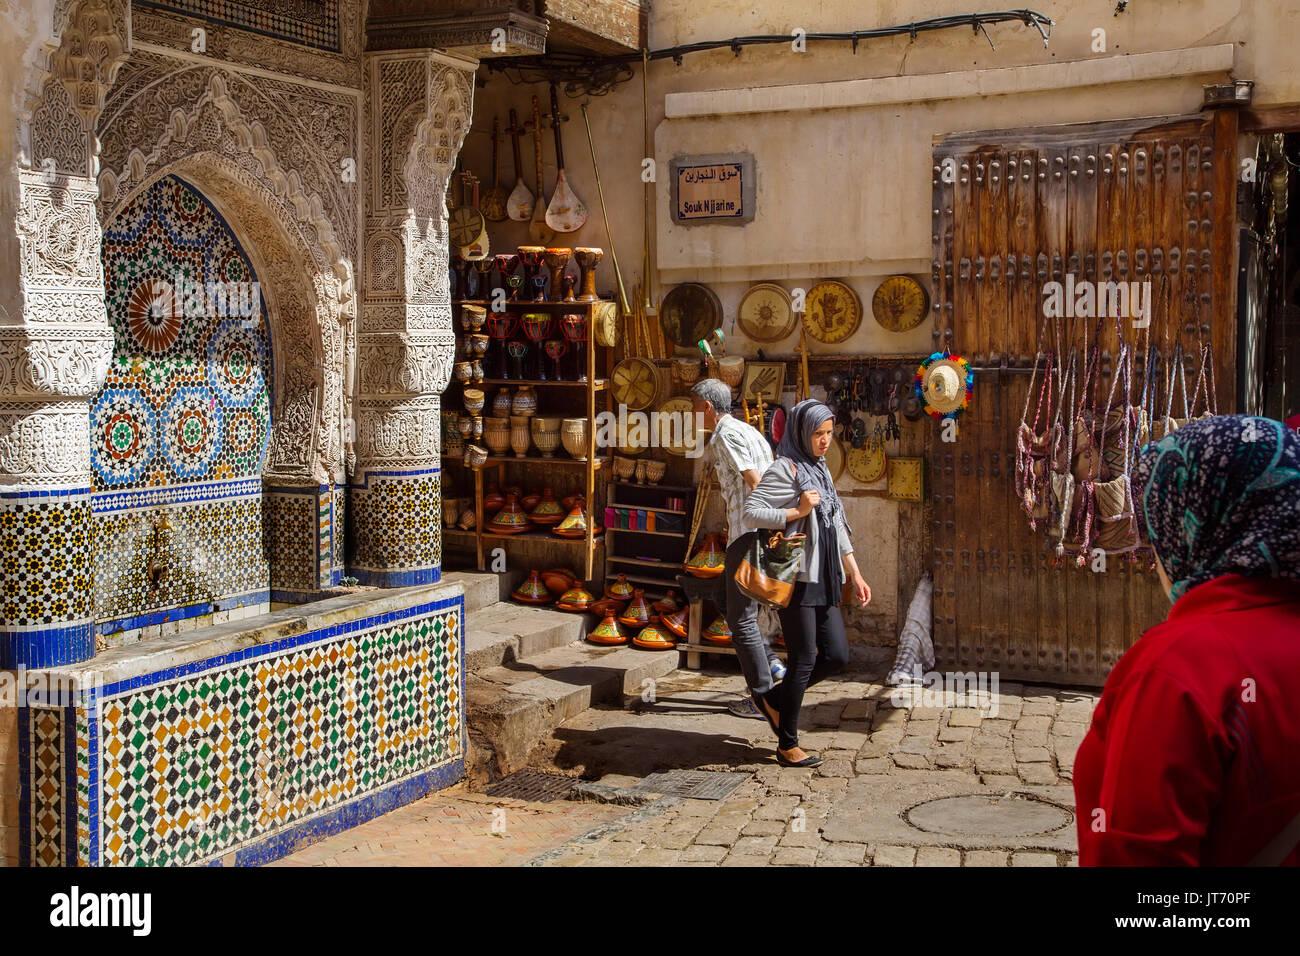 Fontaine Nejjarine, boutique d'artisanat en céramique. Souk, Médina de Fès, Fes el Bali. Le Maroc, Maghreb, Afrique du Nord Photo Stock